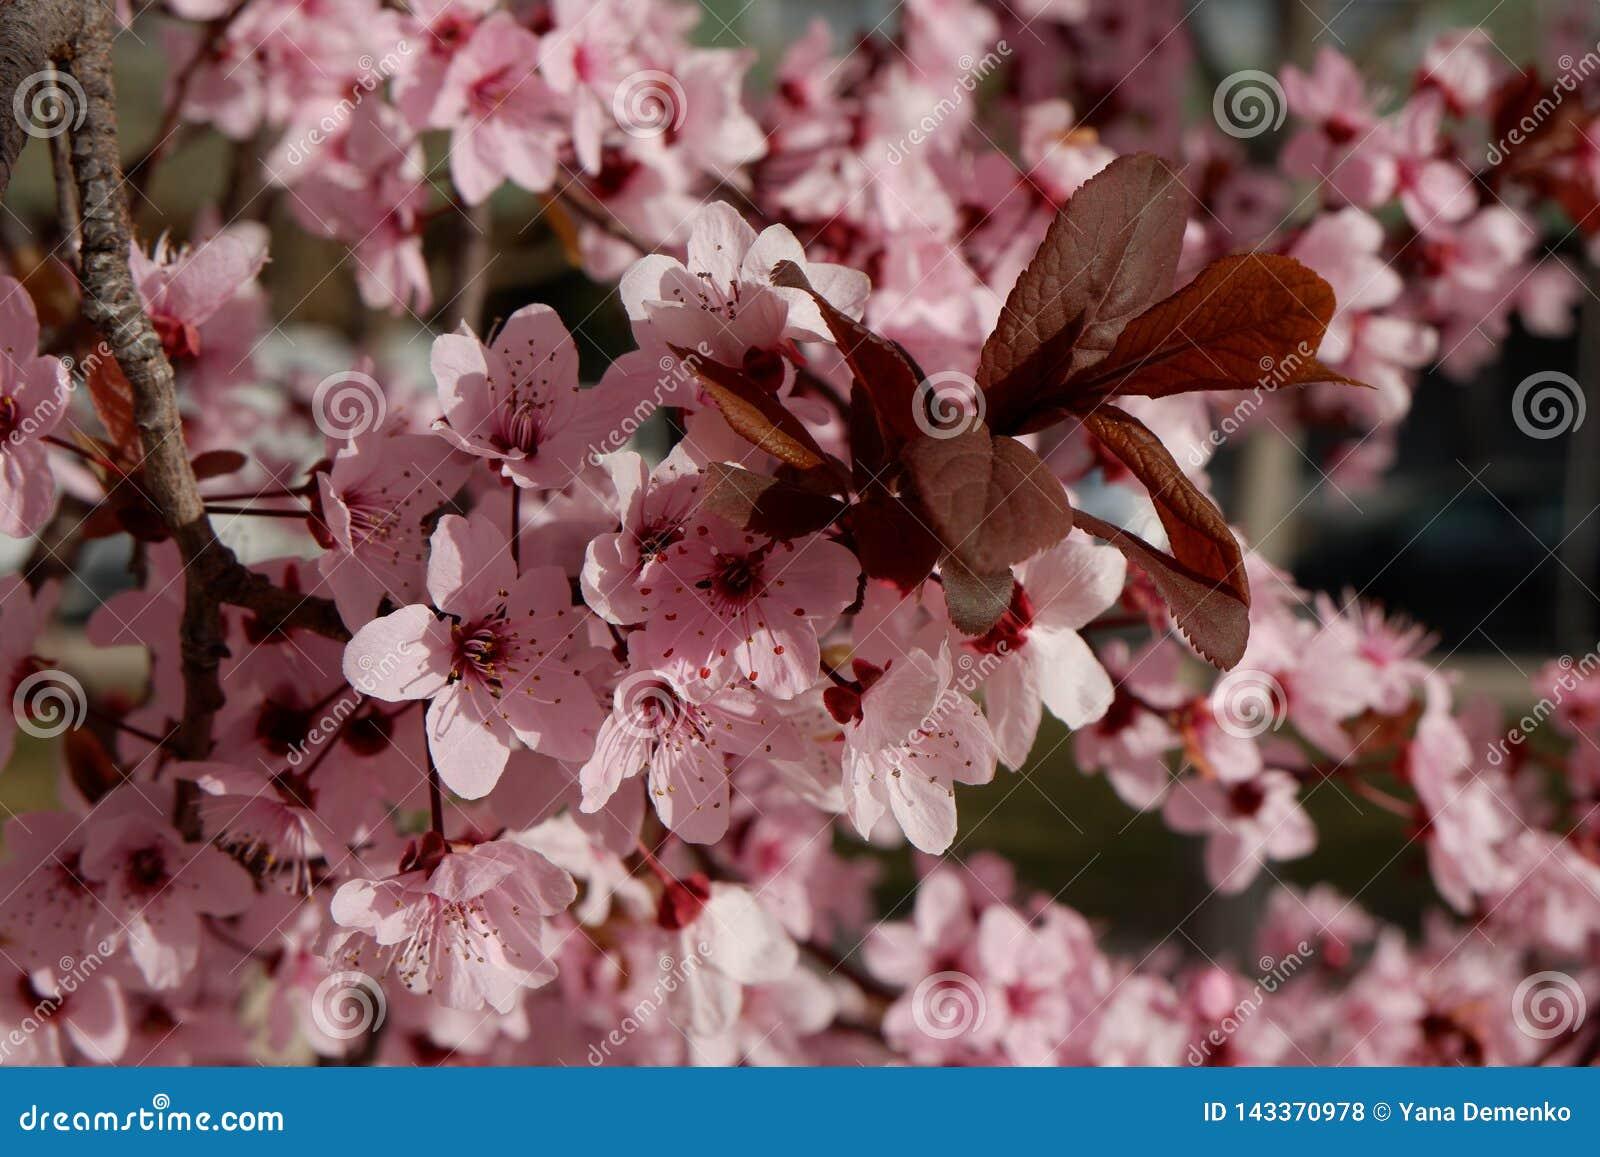 Schließen Sie oben auf Baum der japanischen Pflaume mit zarten rosa Blumen